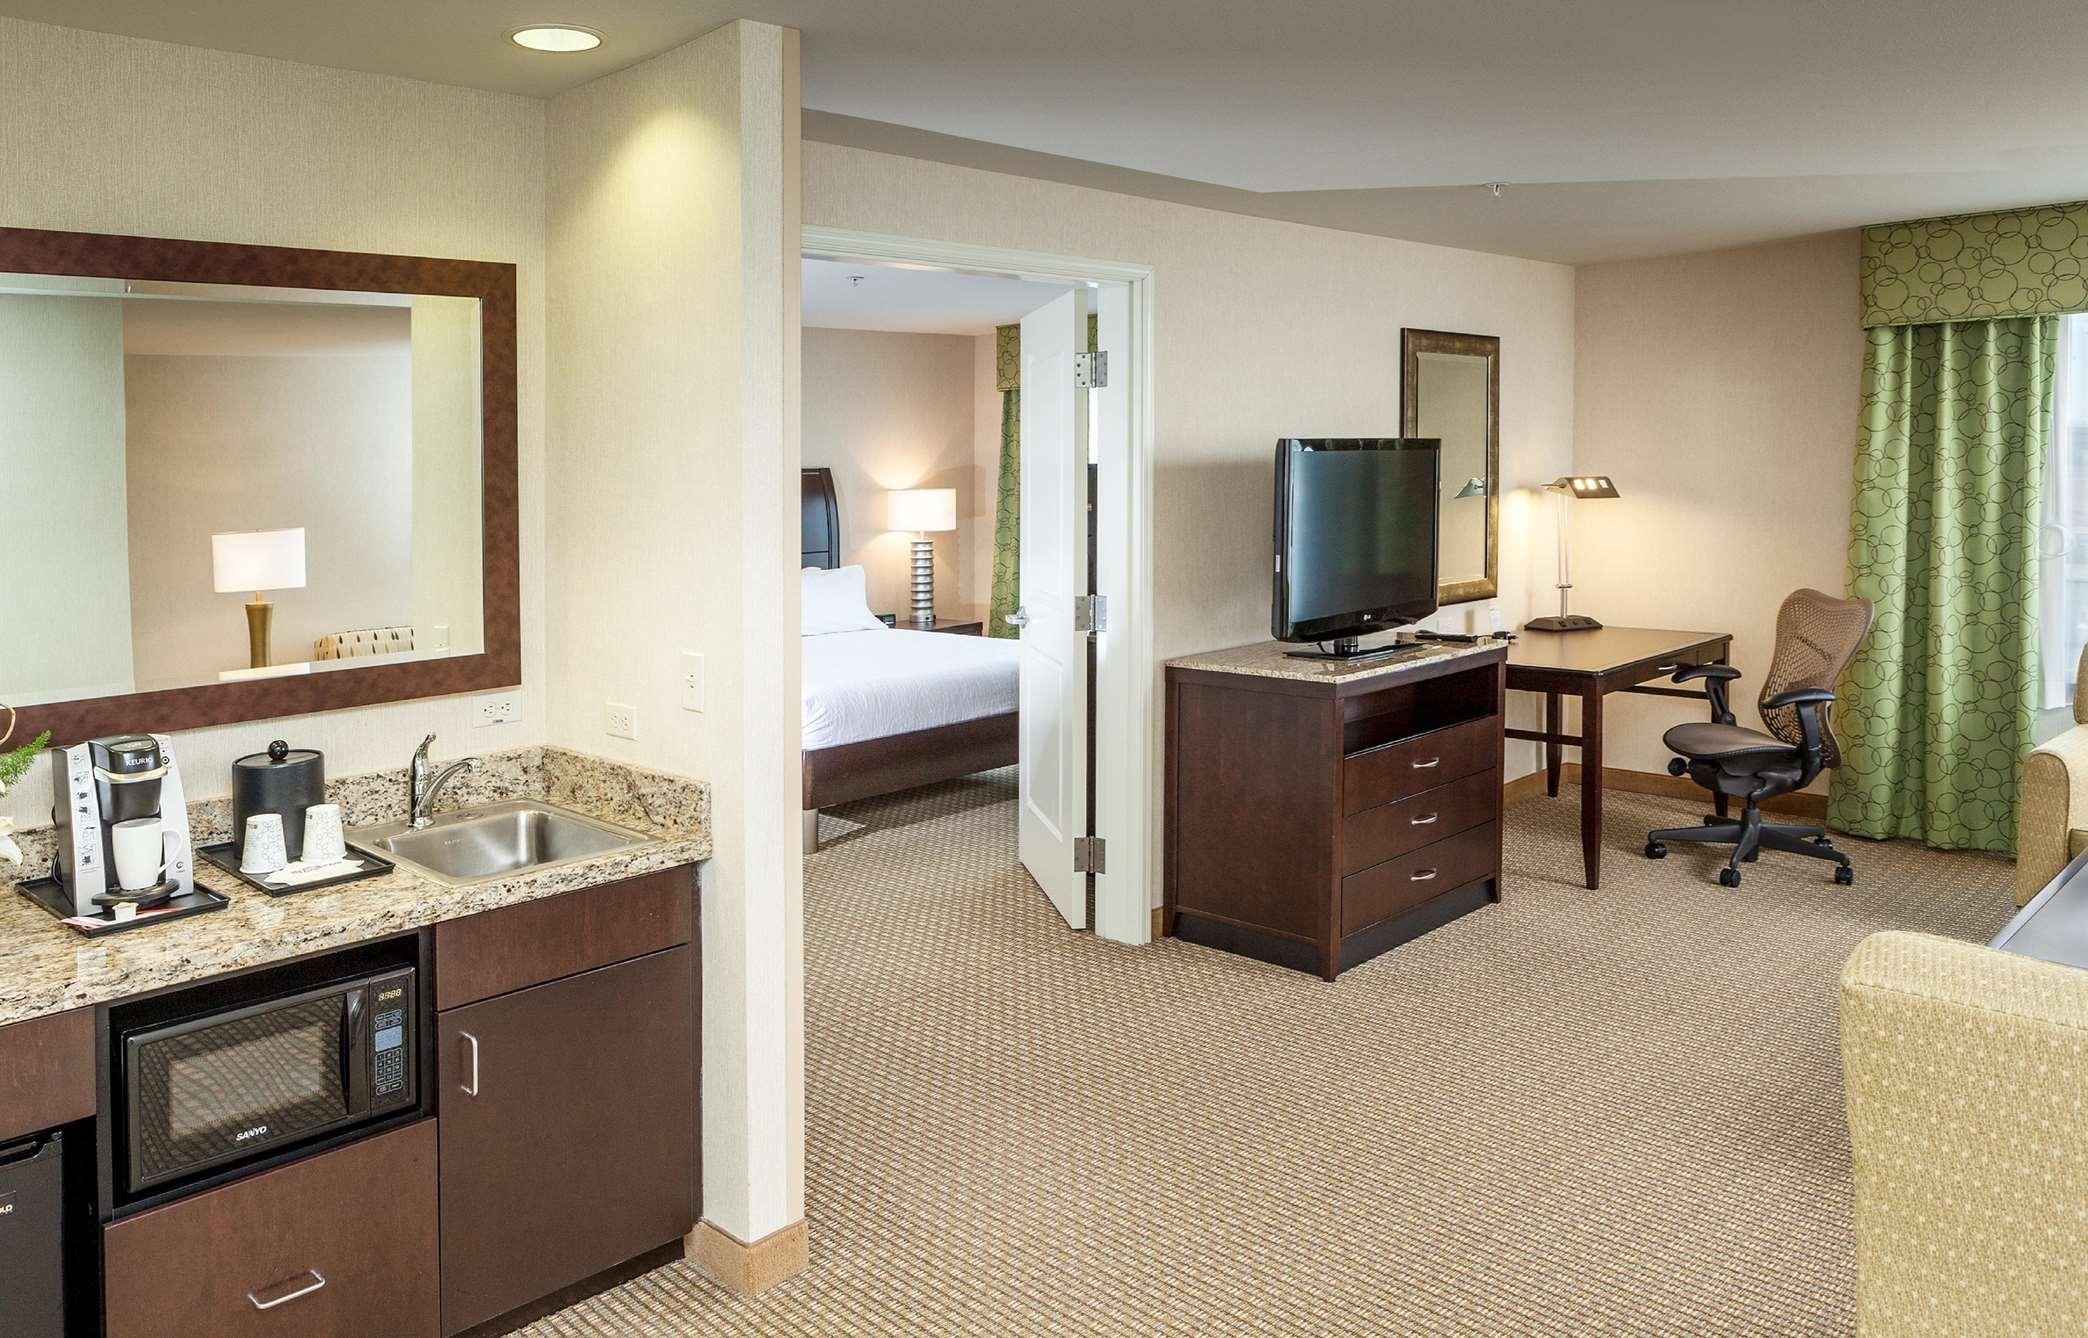 Hotel. Hilton Garden Inn Seattle/Bothell, WA ...